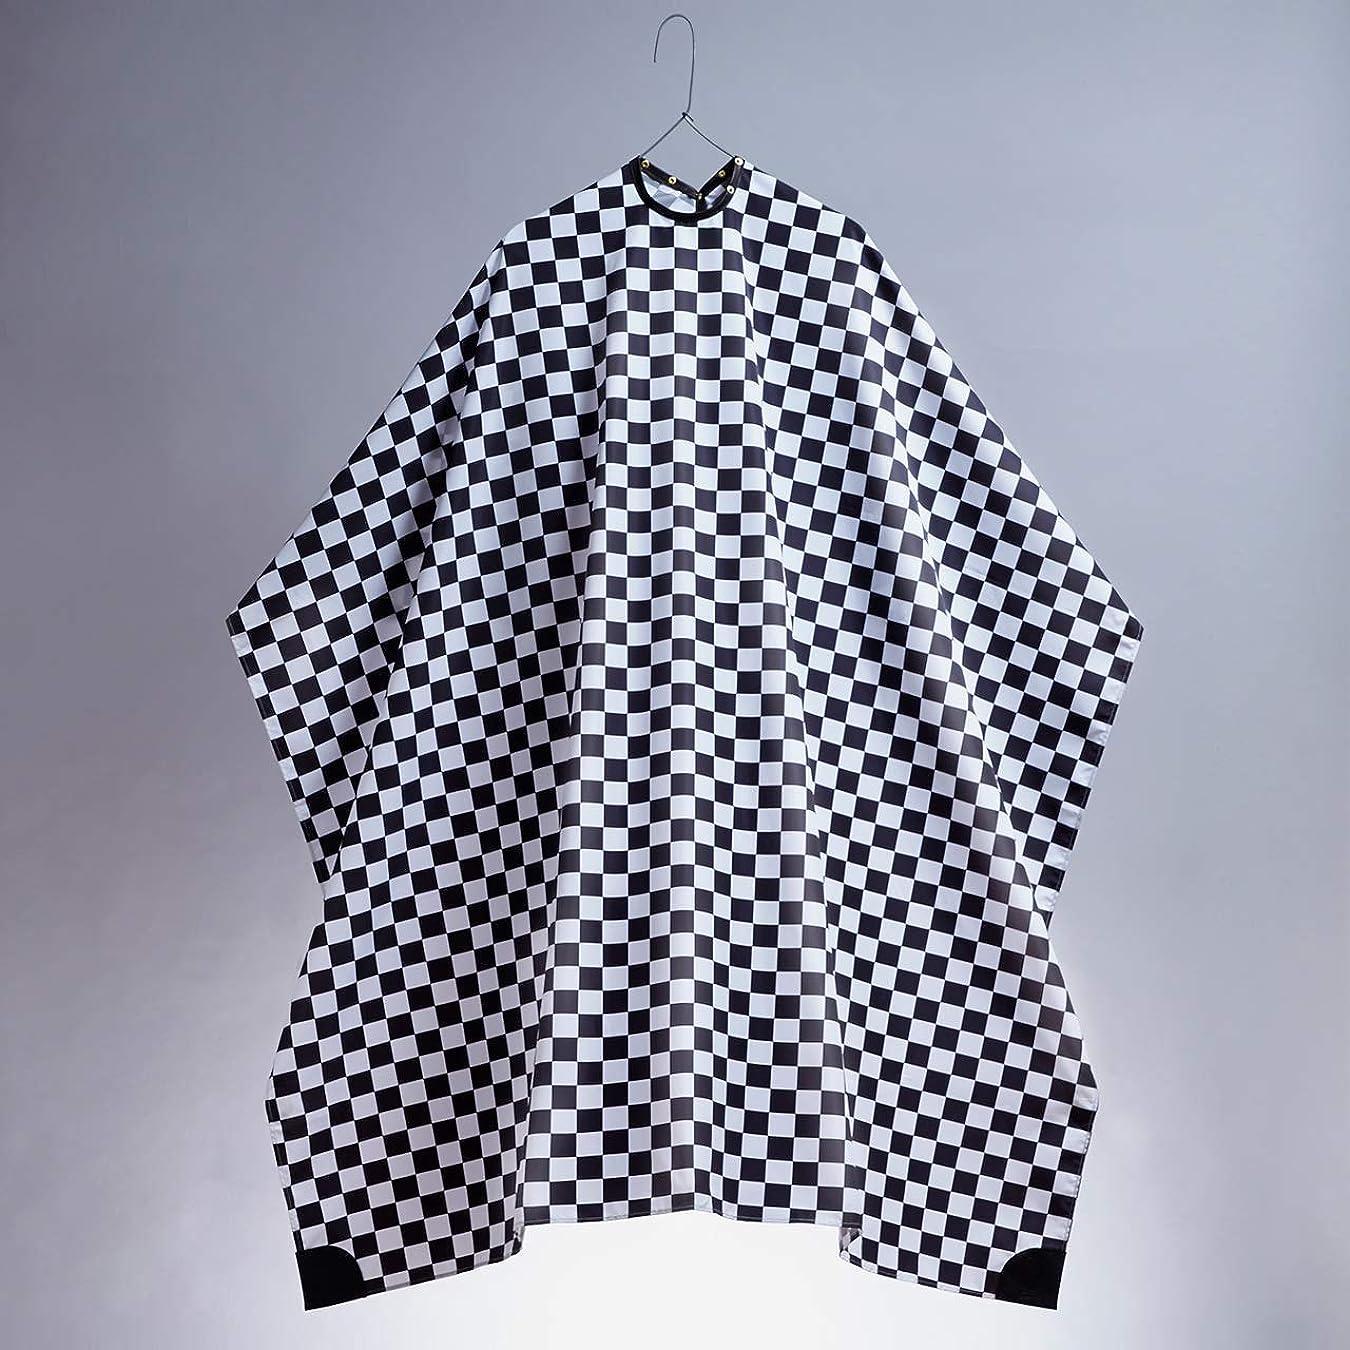 中村商店 カッティングケープ プロフェッショナル 散髪ケープ カットクロス バーバー 美容室 理容室 (Checkered)